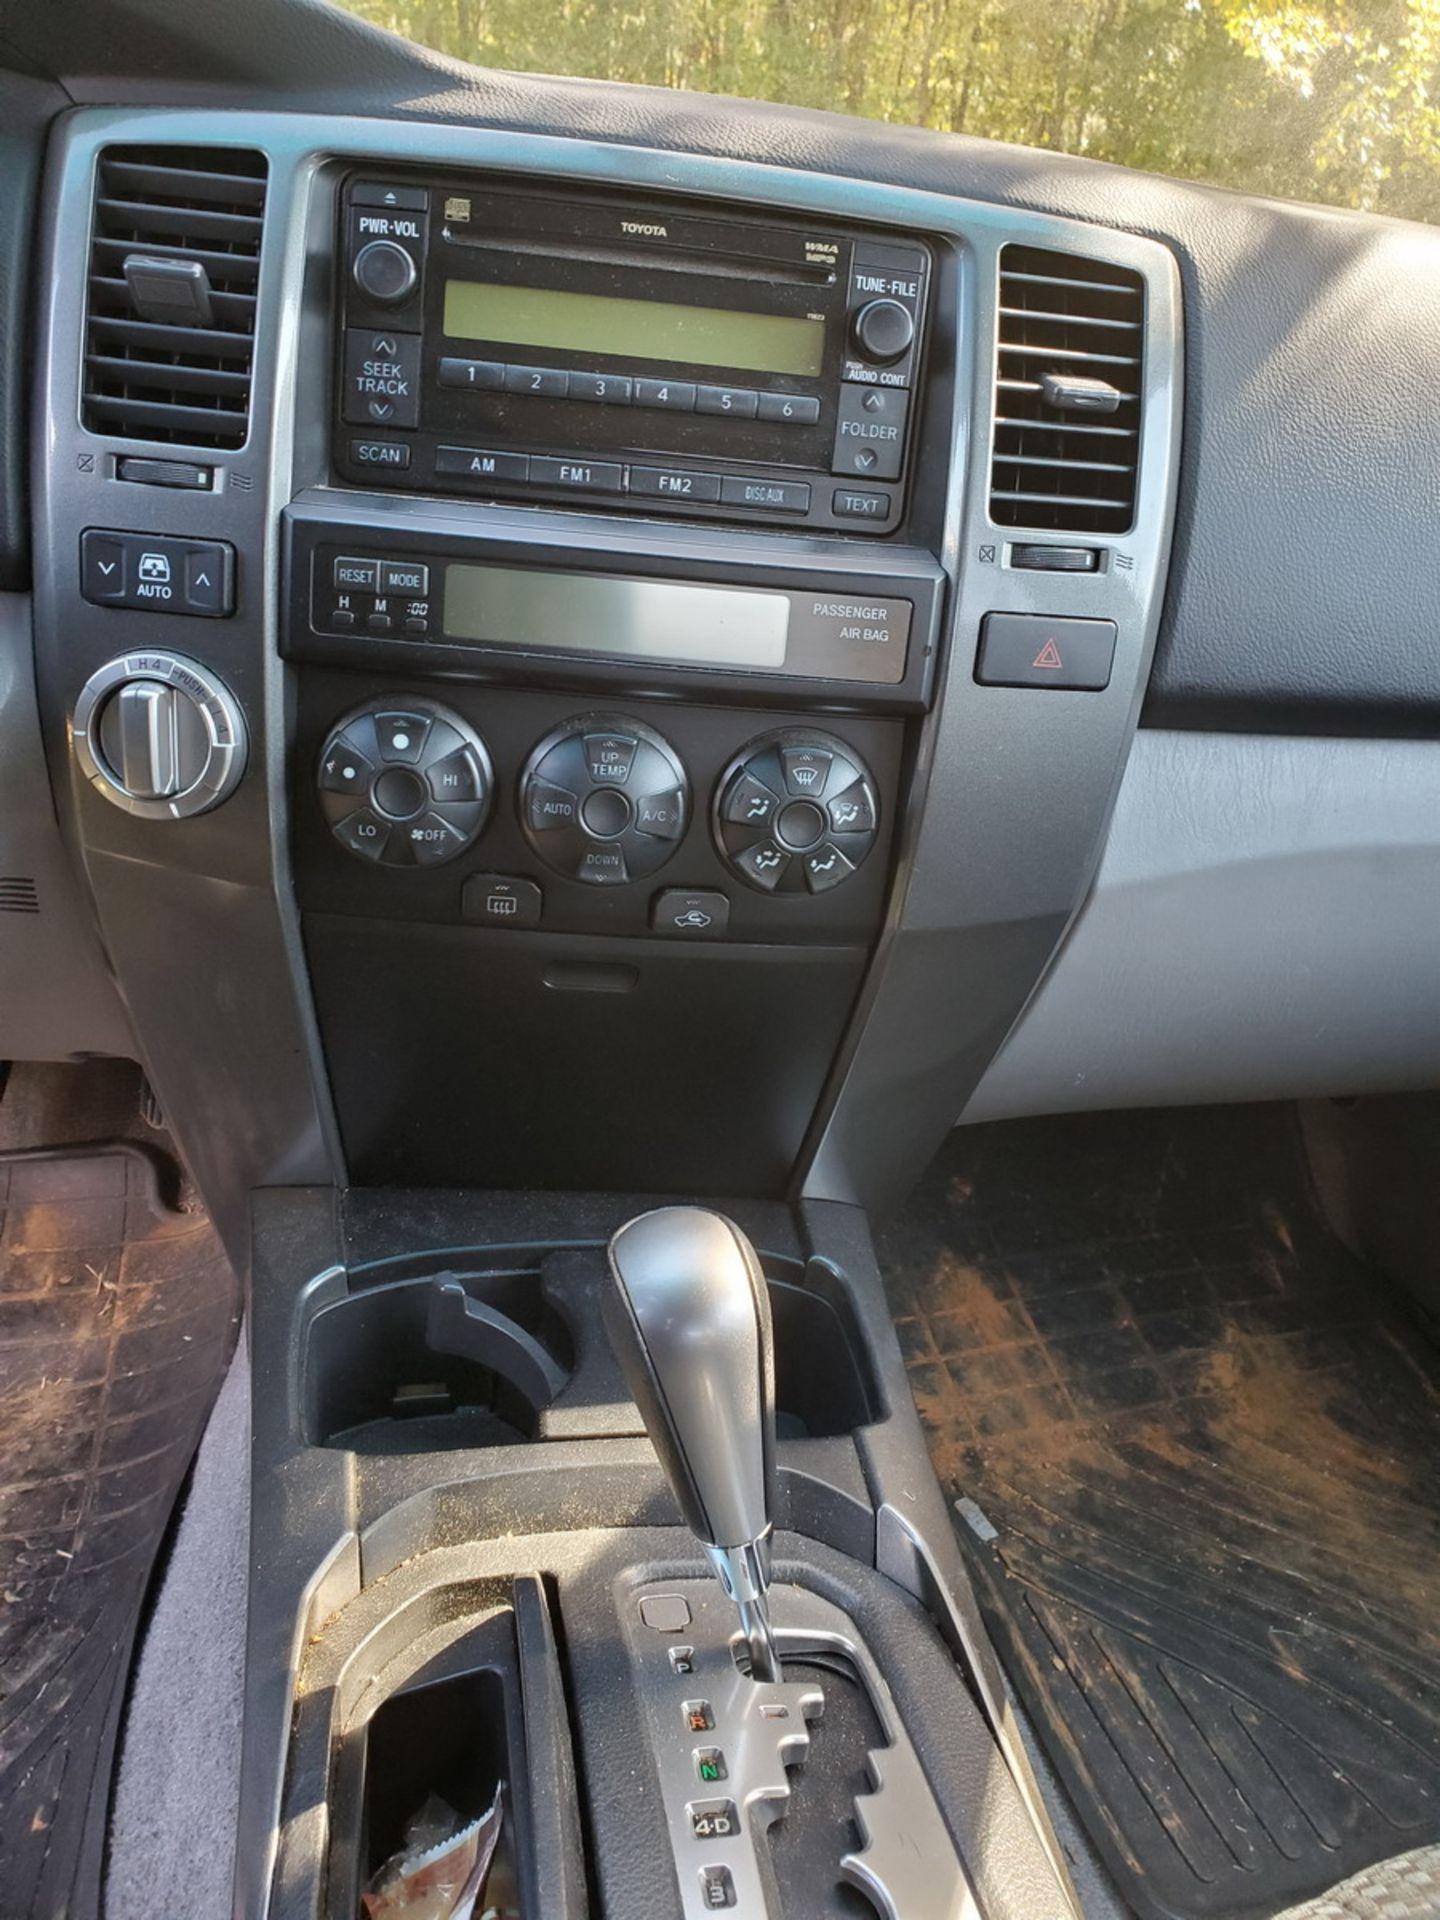 2008 Toyota 4Runner SUV Vehicle - Image 7 of 12